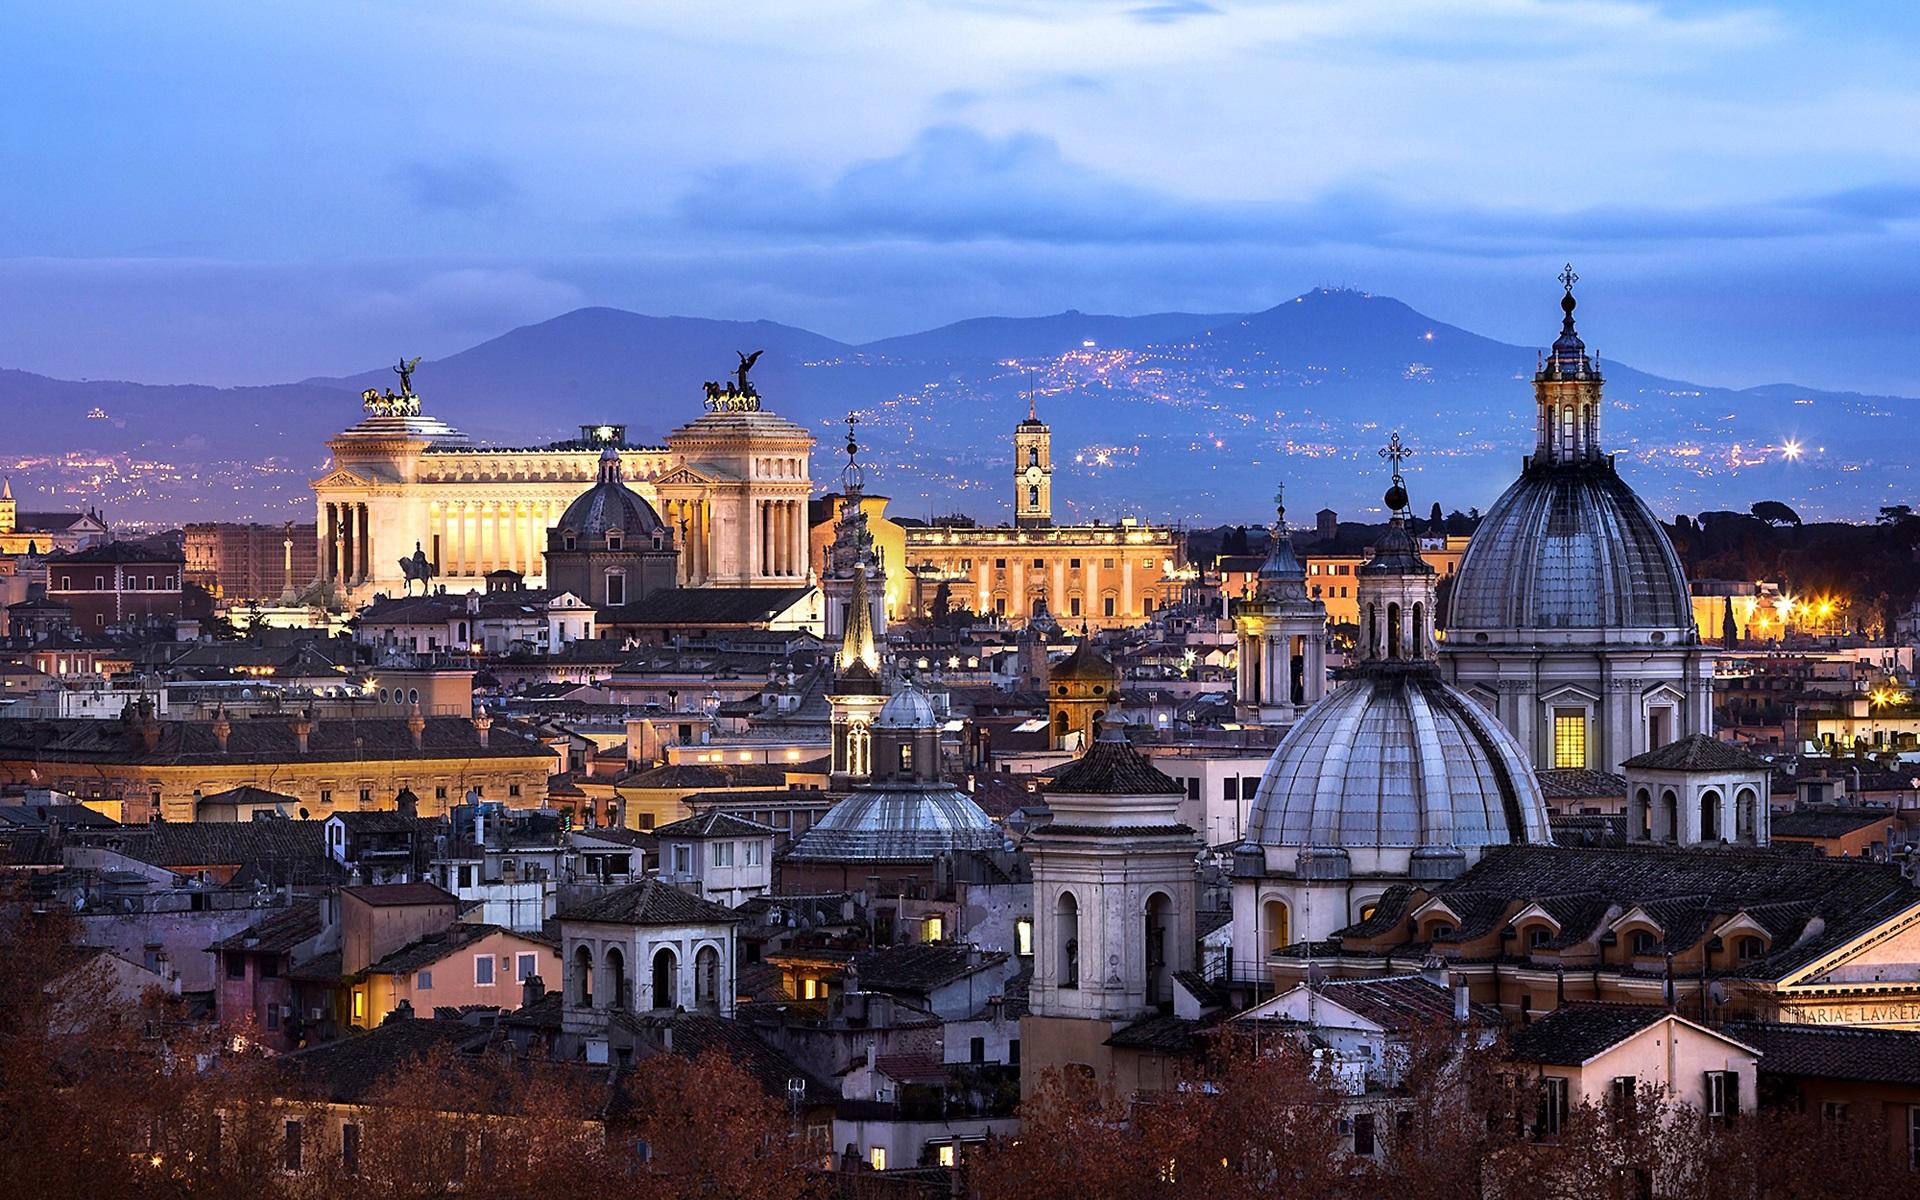 意大利�9��9櫺g�_桌布 罗马,意大利,建筑,城市,晚上,房子,灯